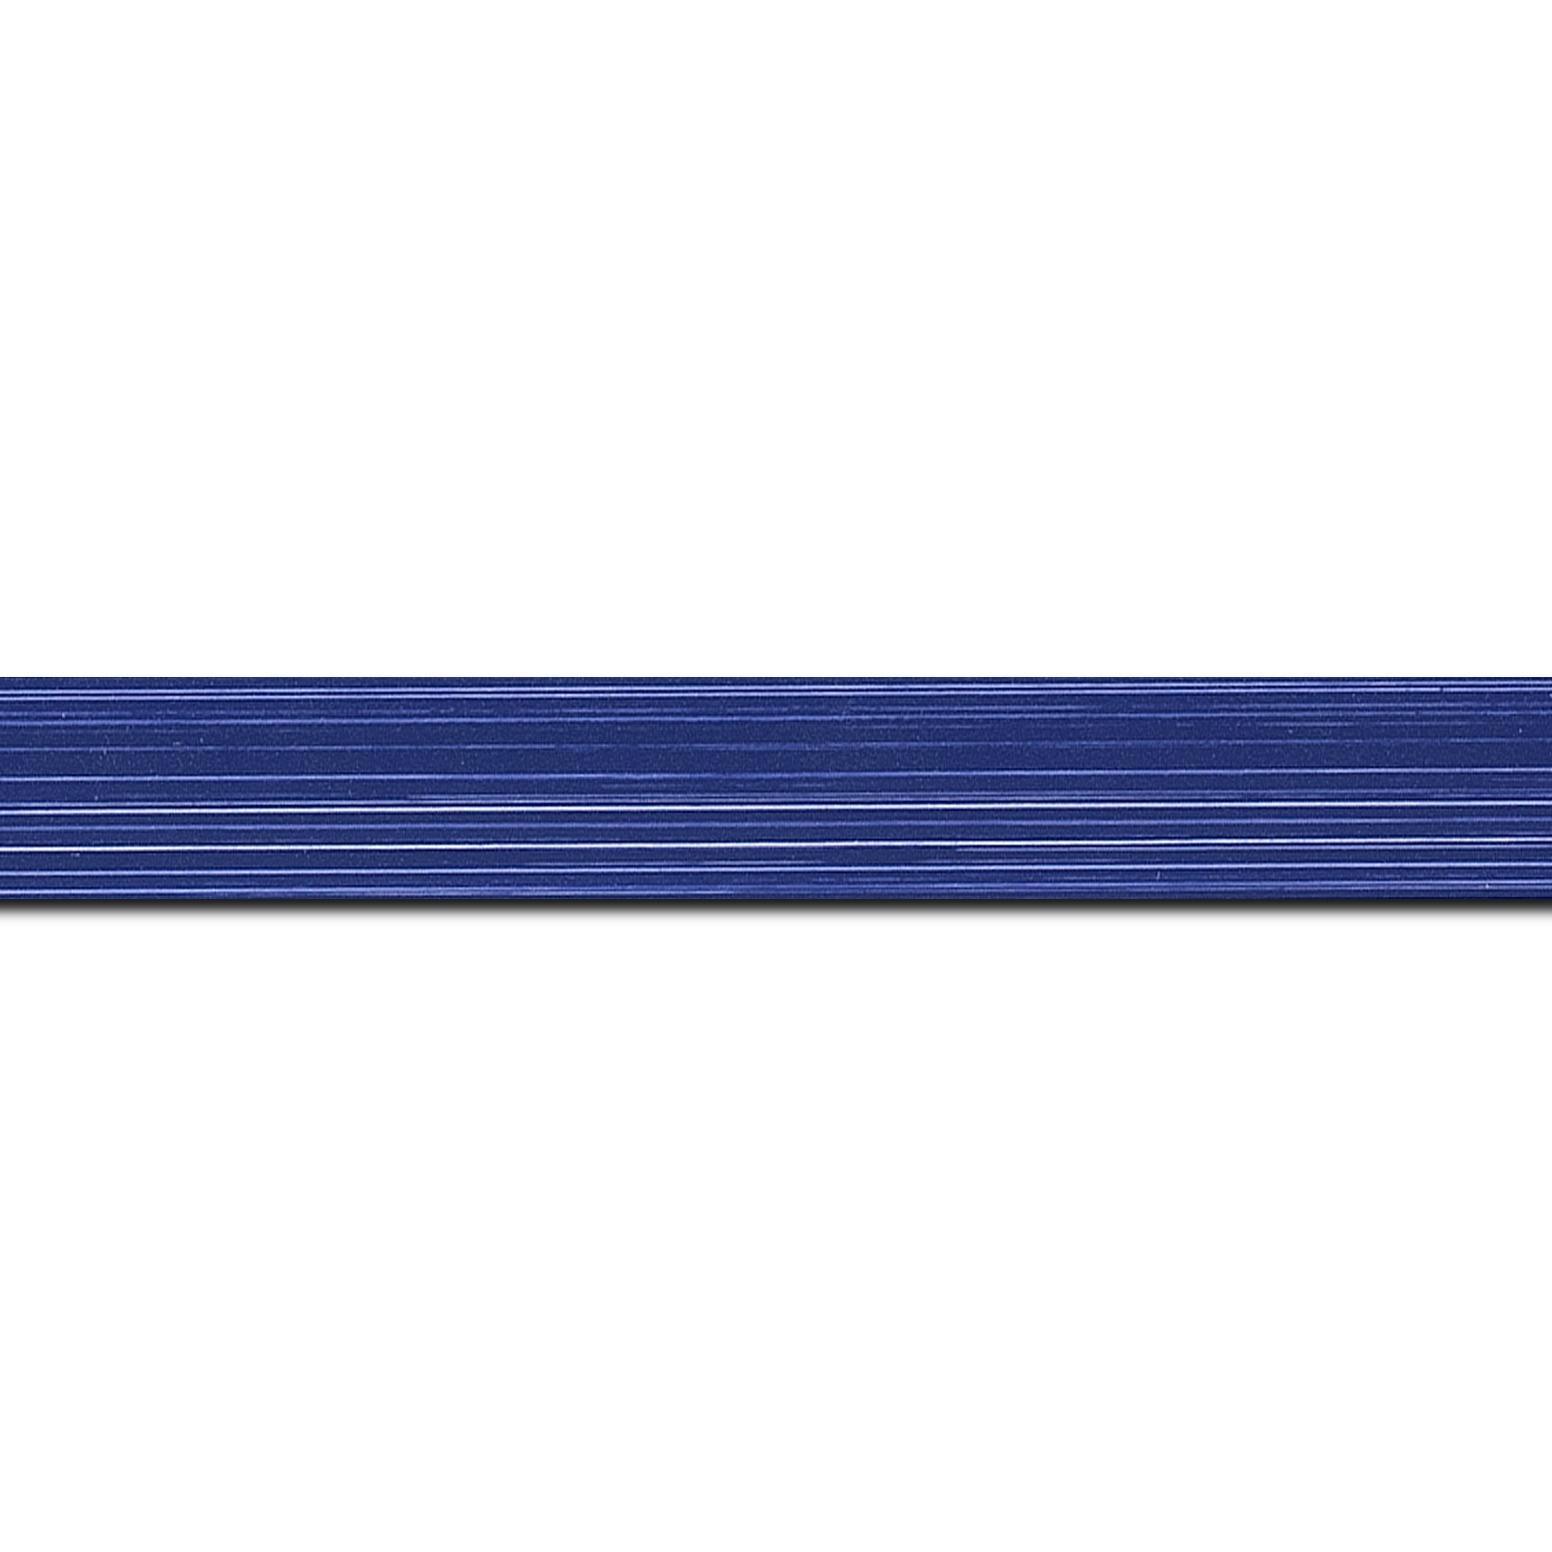 Baguette longueur 1.40m bois profil concave largeur 2.4cm couleur bleu foncé effet matière fond blanc